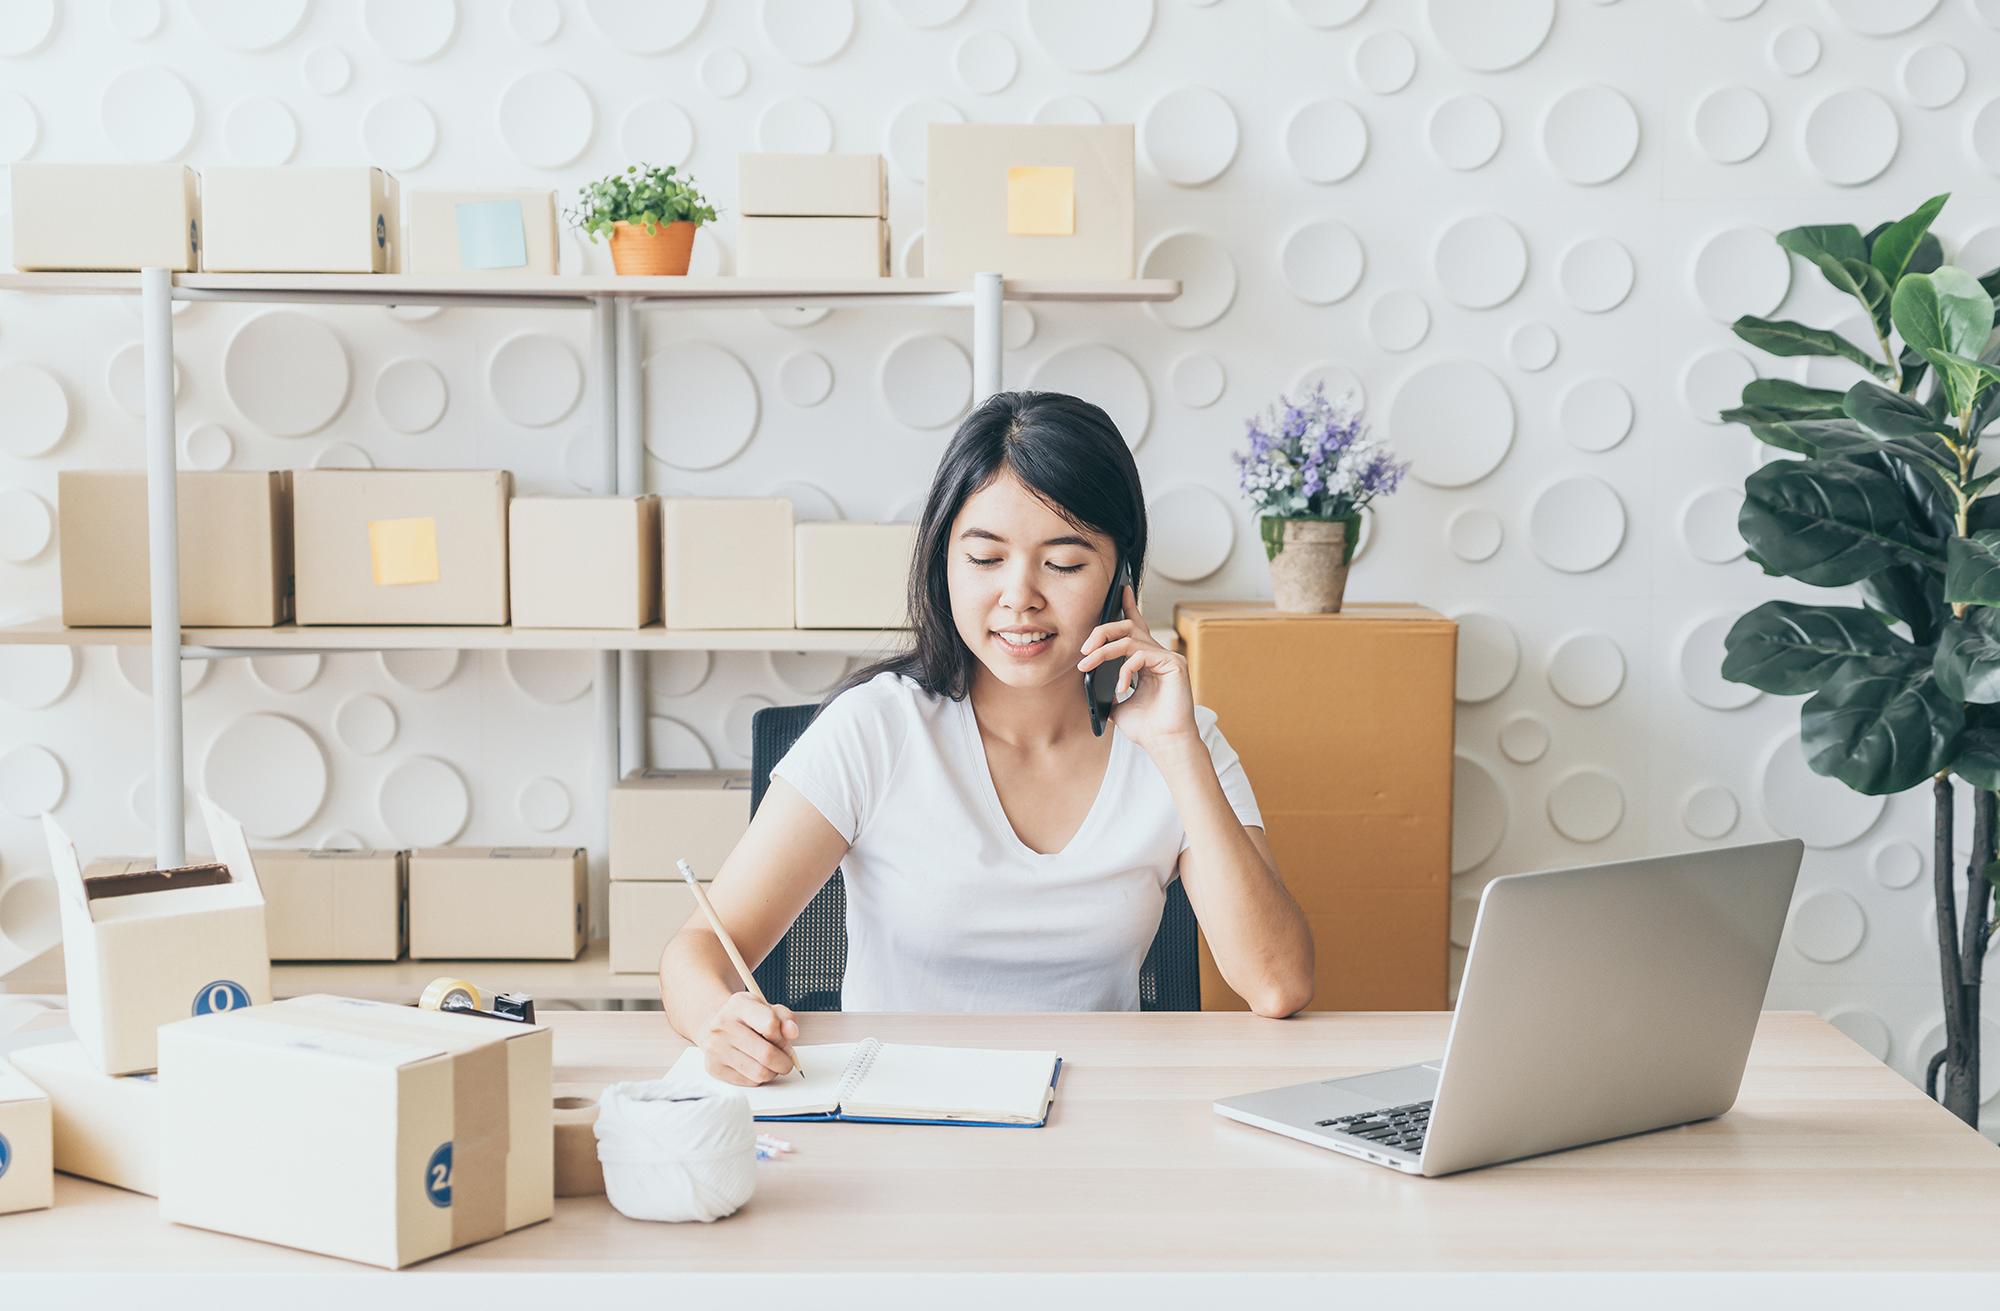 Como planejar um negócio digital sem ser surpreendido pela RFB? | Saska Lins